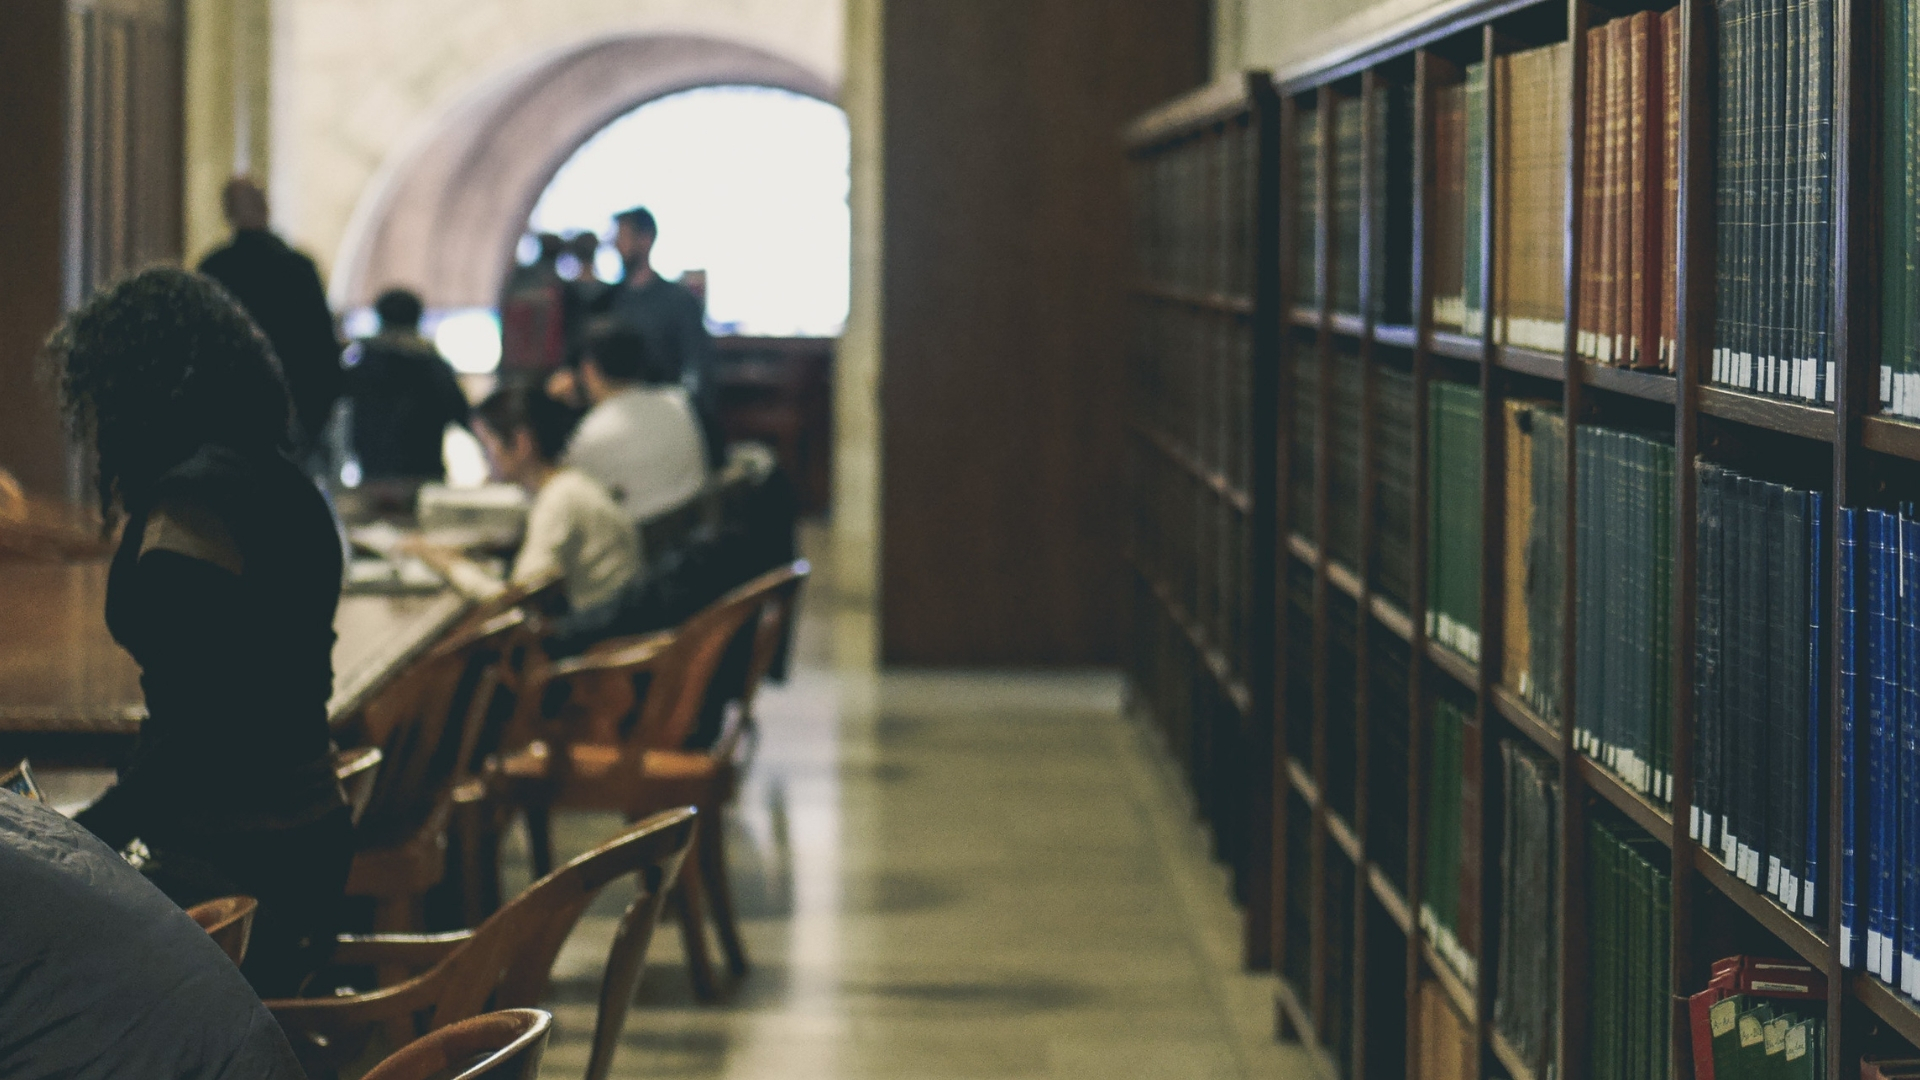 bbdb86409a53 Alessandria Archivi - Salesiani Piemonte e Valle d'Aosta